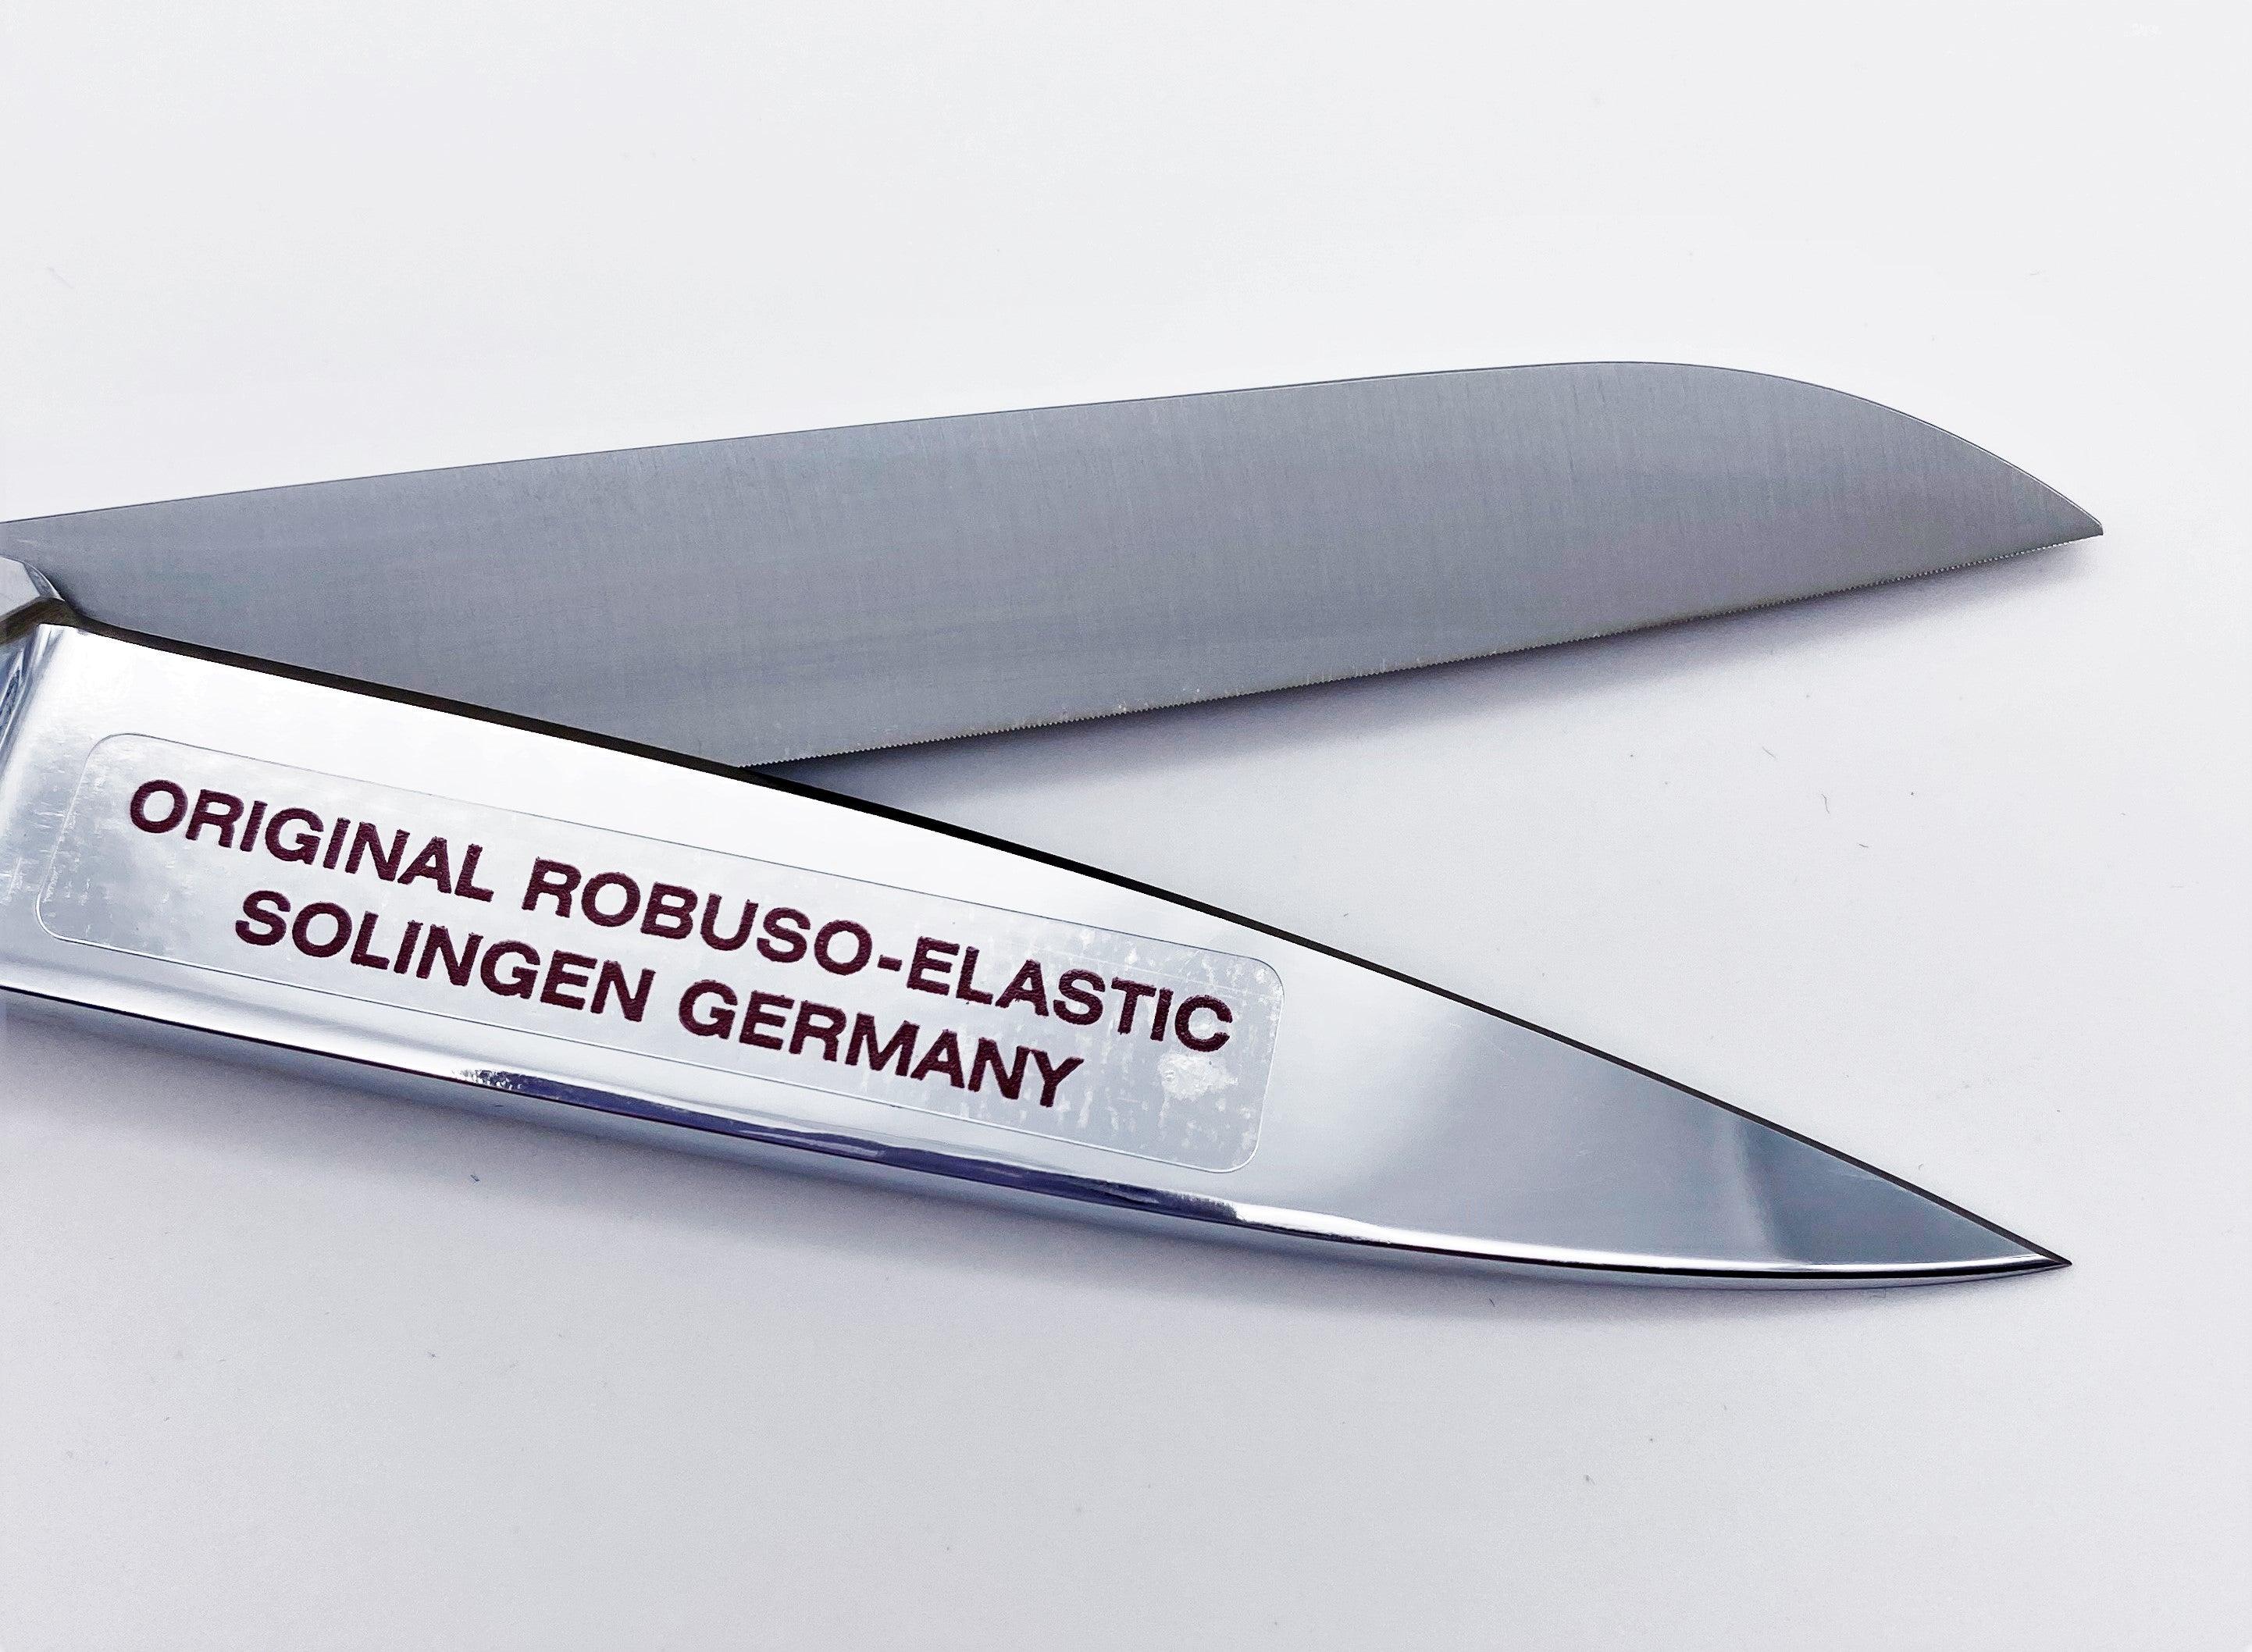 """ROBUSO-ELASTIC Linkshandschere, verchromt & verzahnt 1049/CR/8"""""""